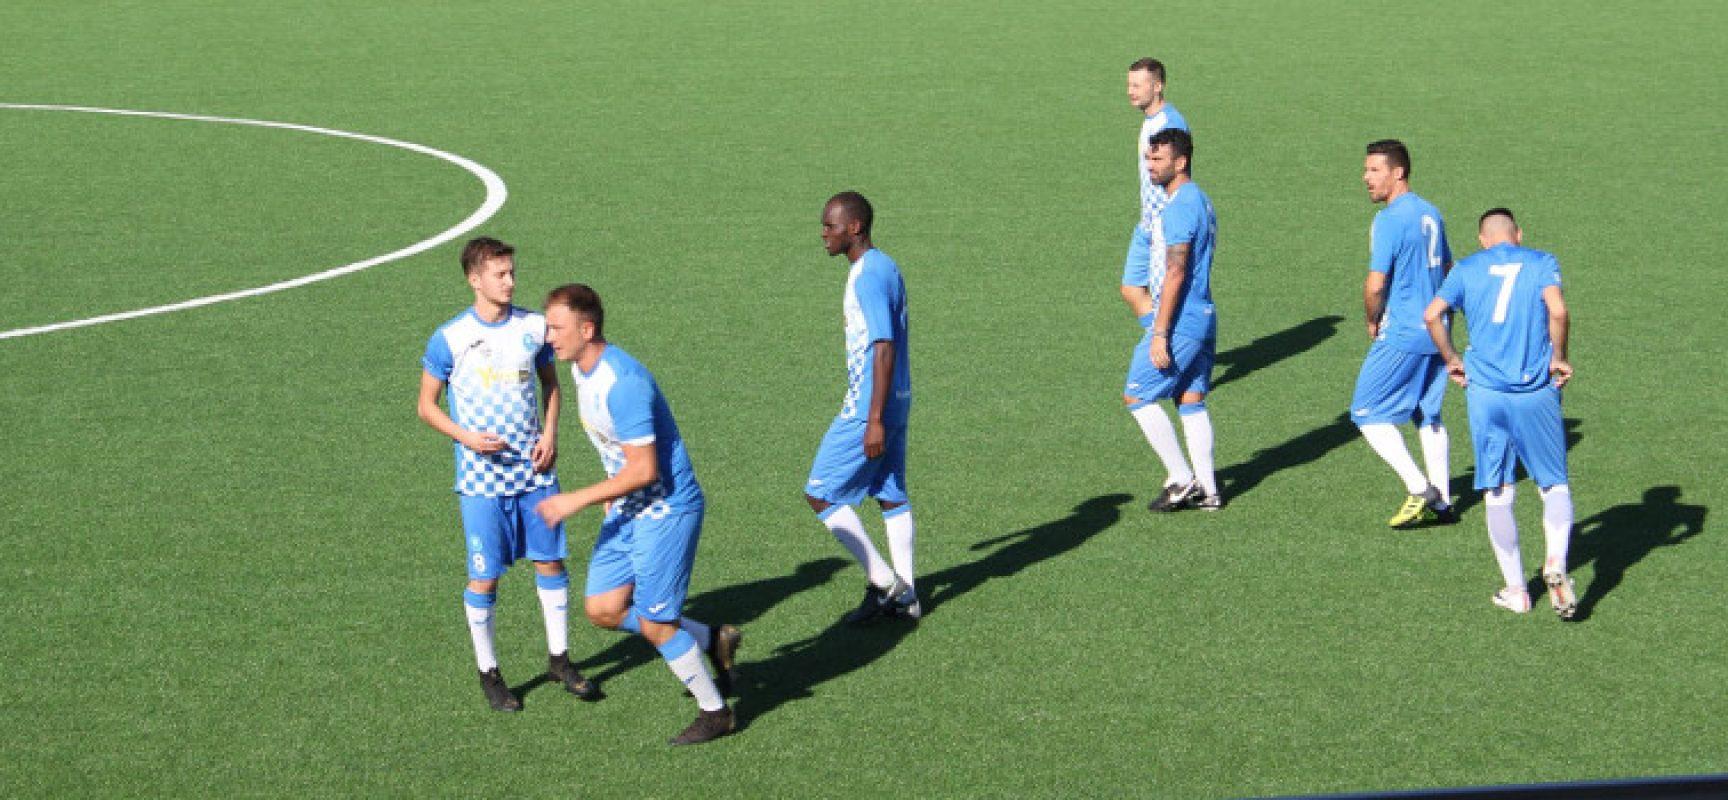 Virtus Bisceglie, oggi il recupero contro lo United Monte Sant'Angelo